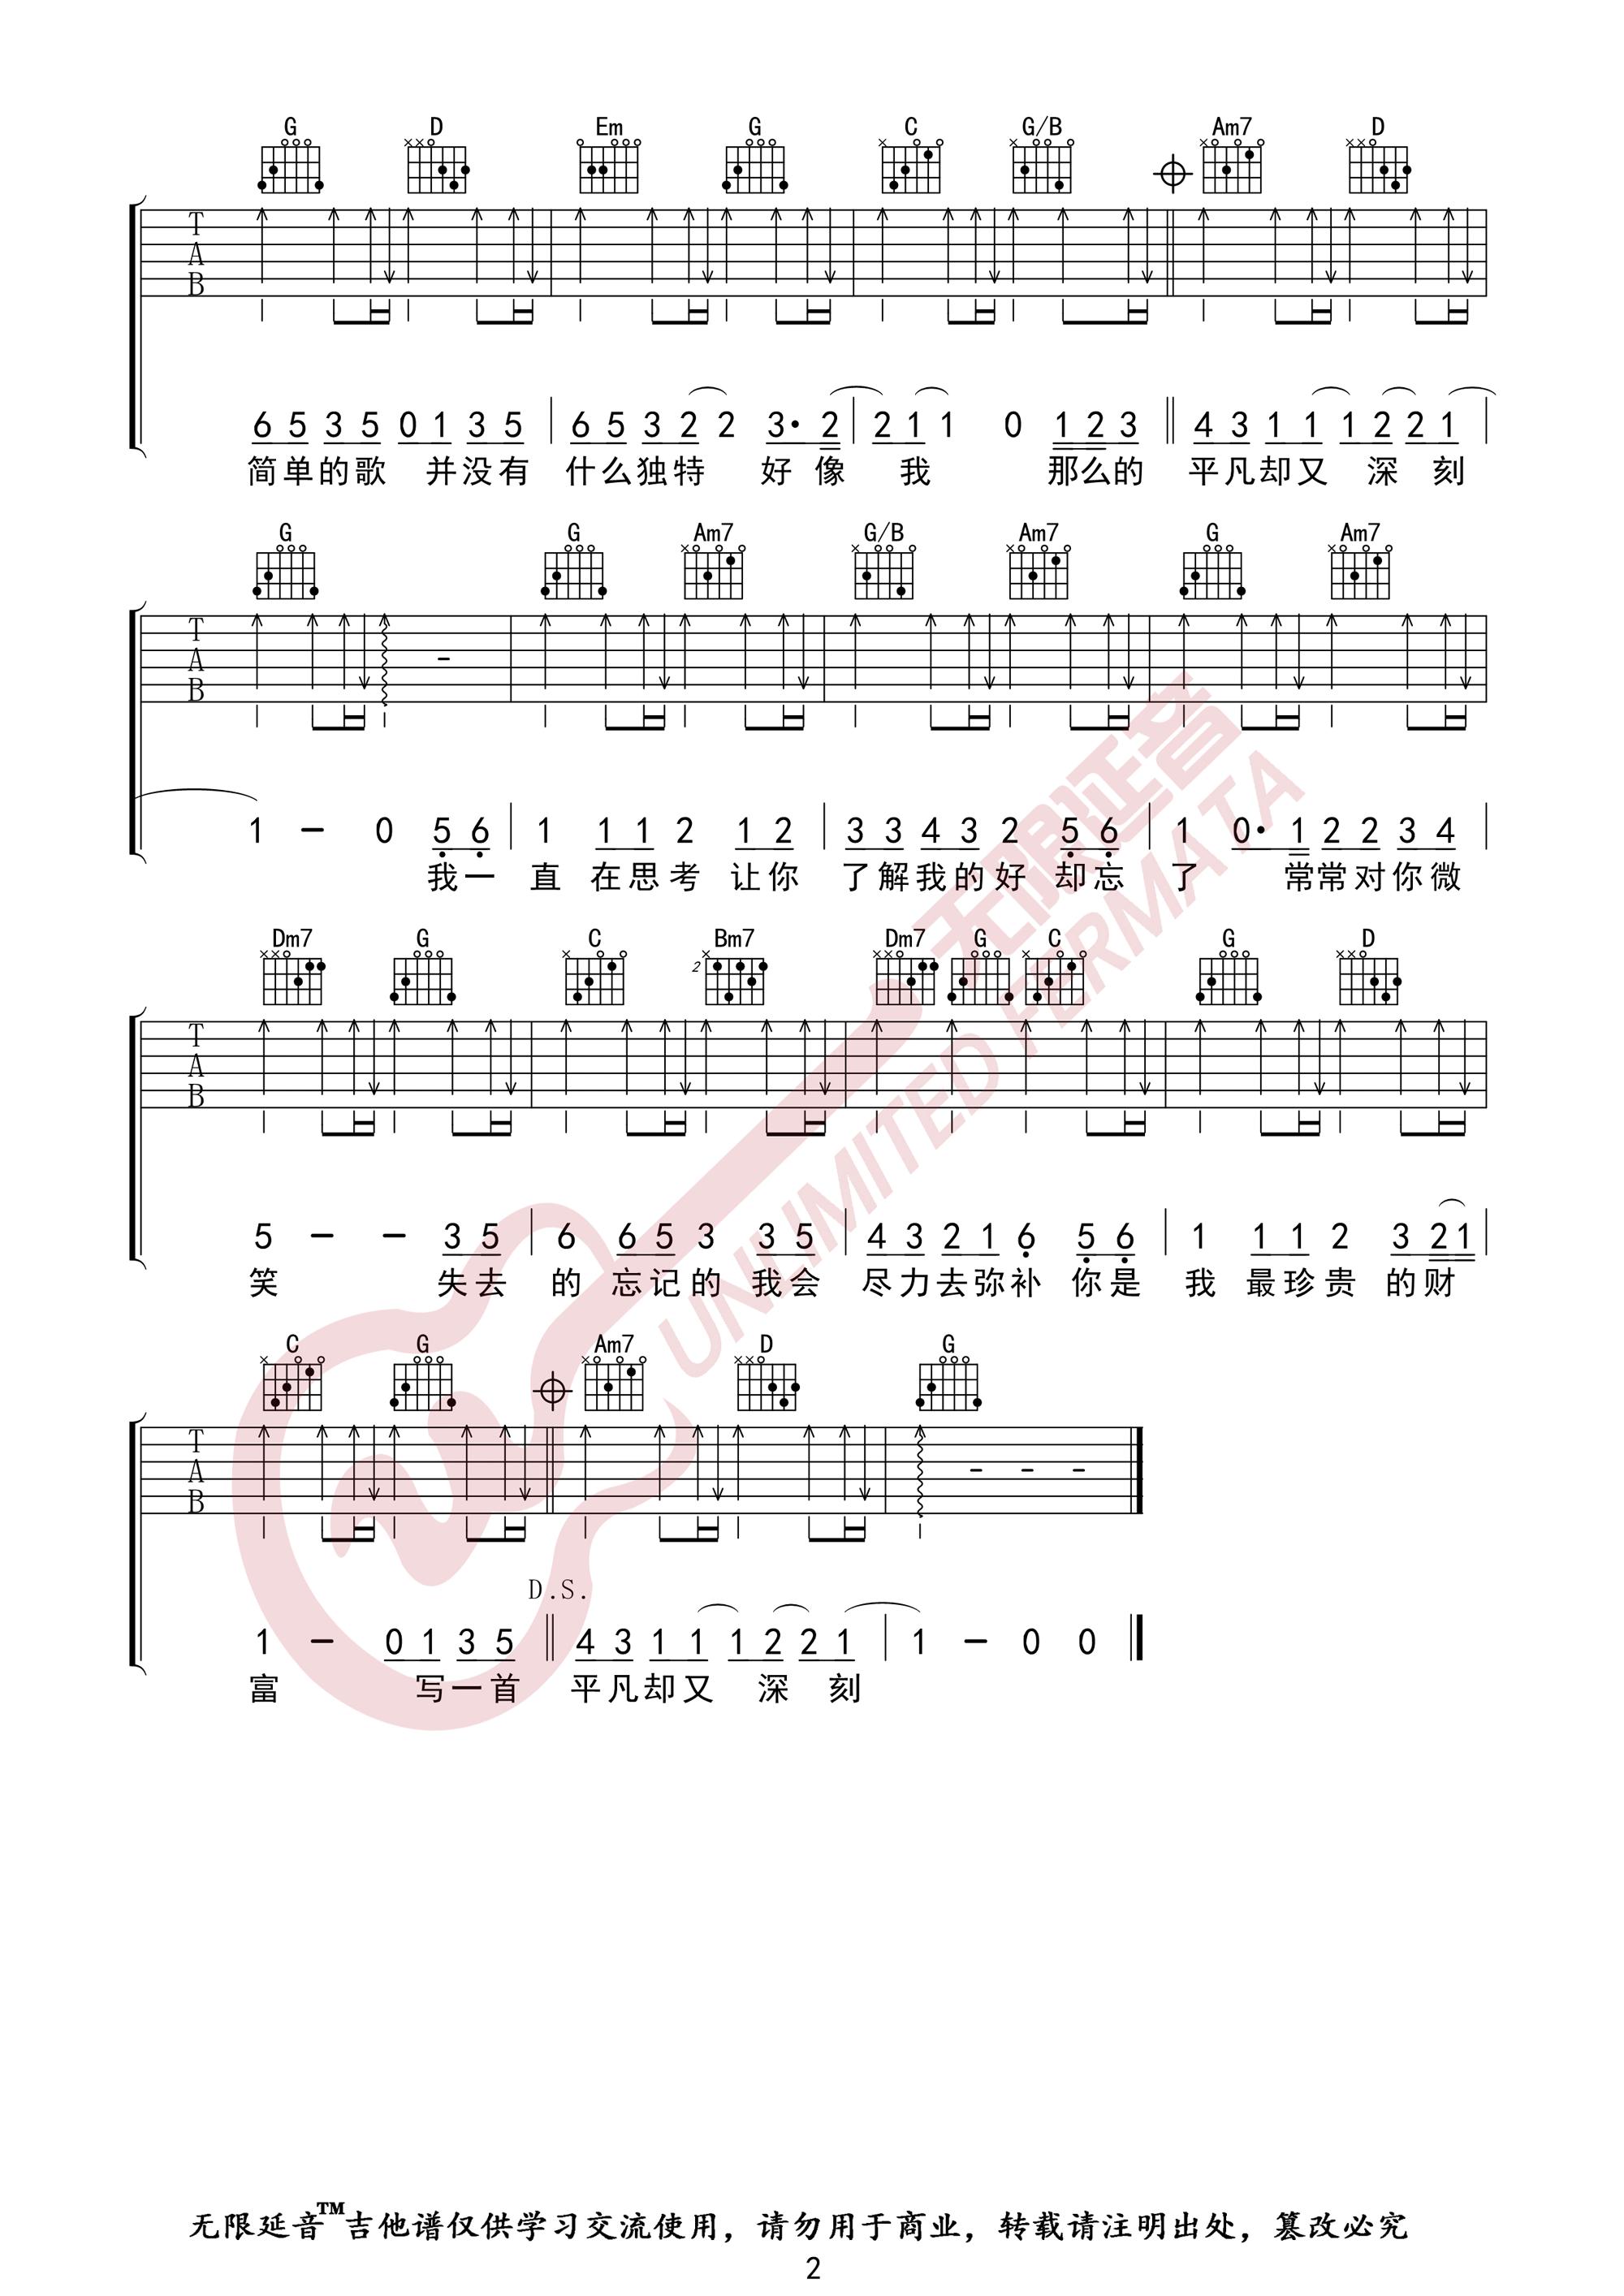 一首简单的歌吉他谱 G调原版六线谱 - 王力宏